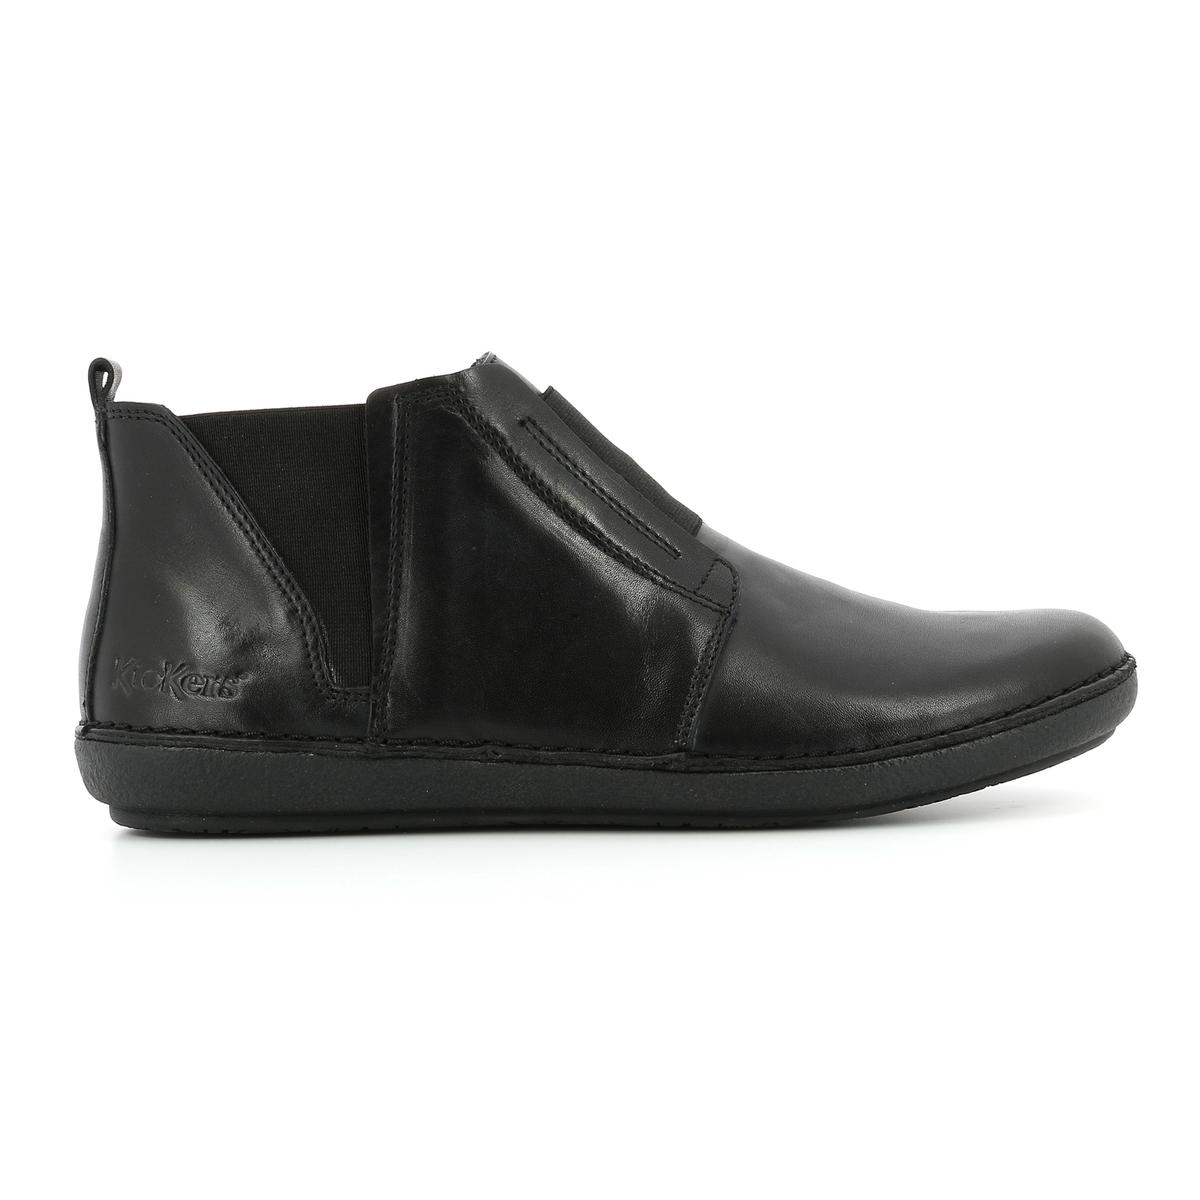 Imagen principal de producto de Zapatillas de caña alta de piel Fonzine - Kickers